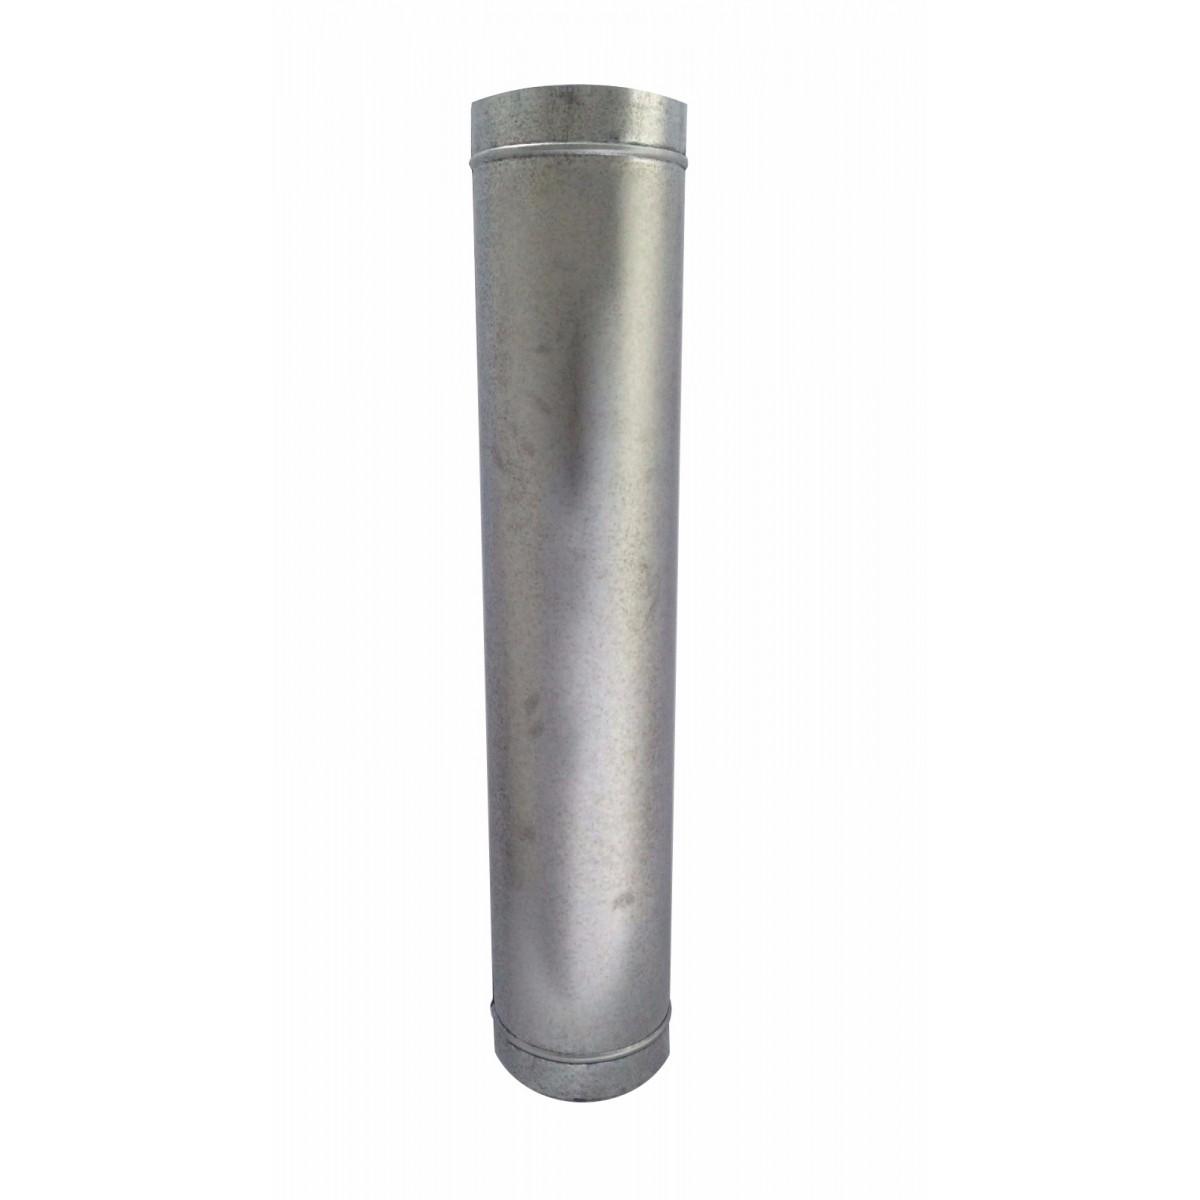 Duto galvanizado para chaminé de 230 mm de diâmetro  - Galvocalhas